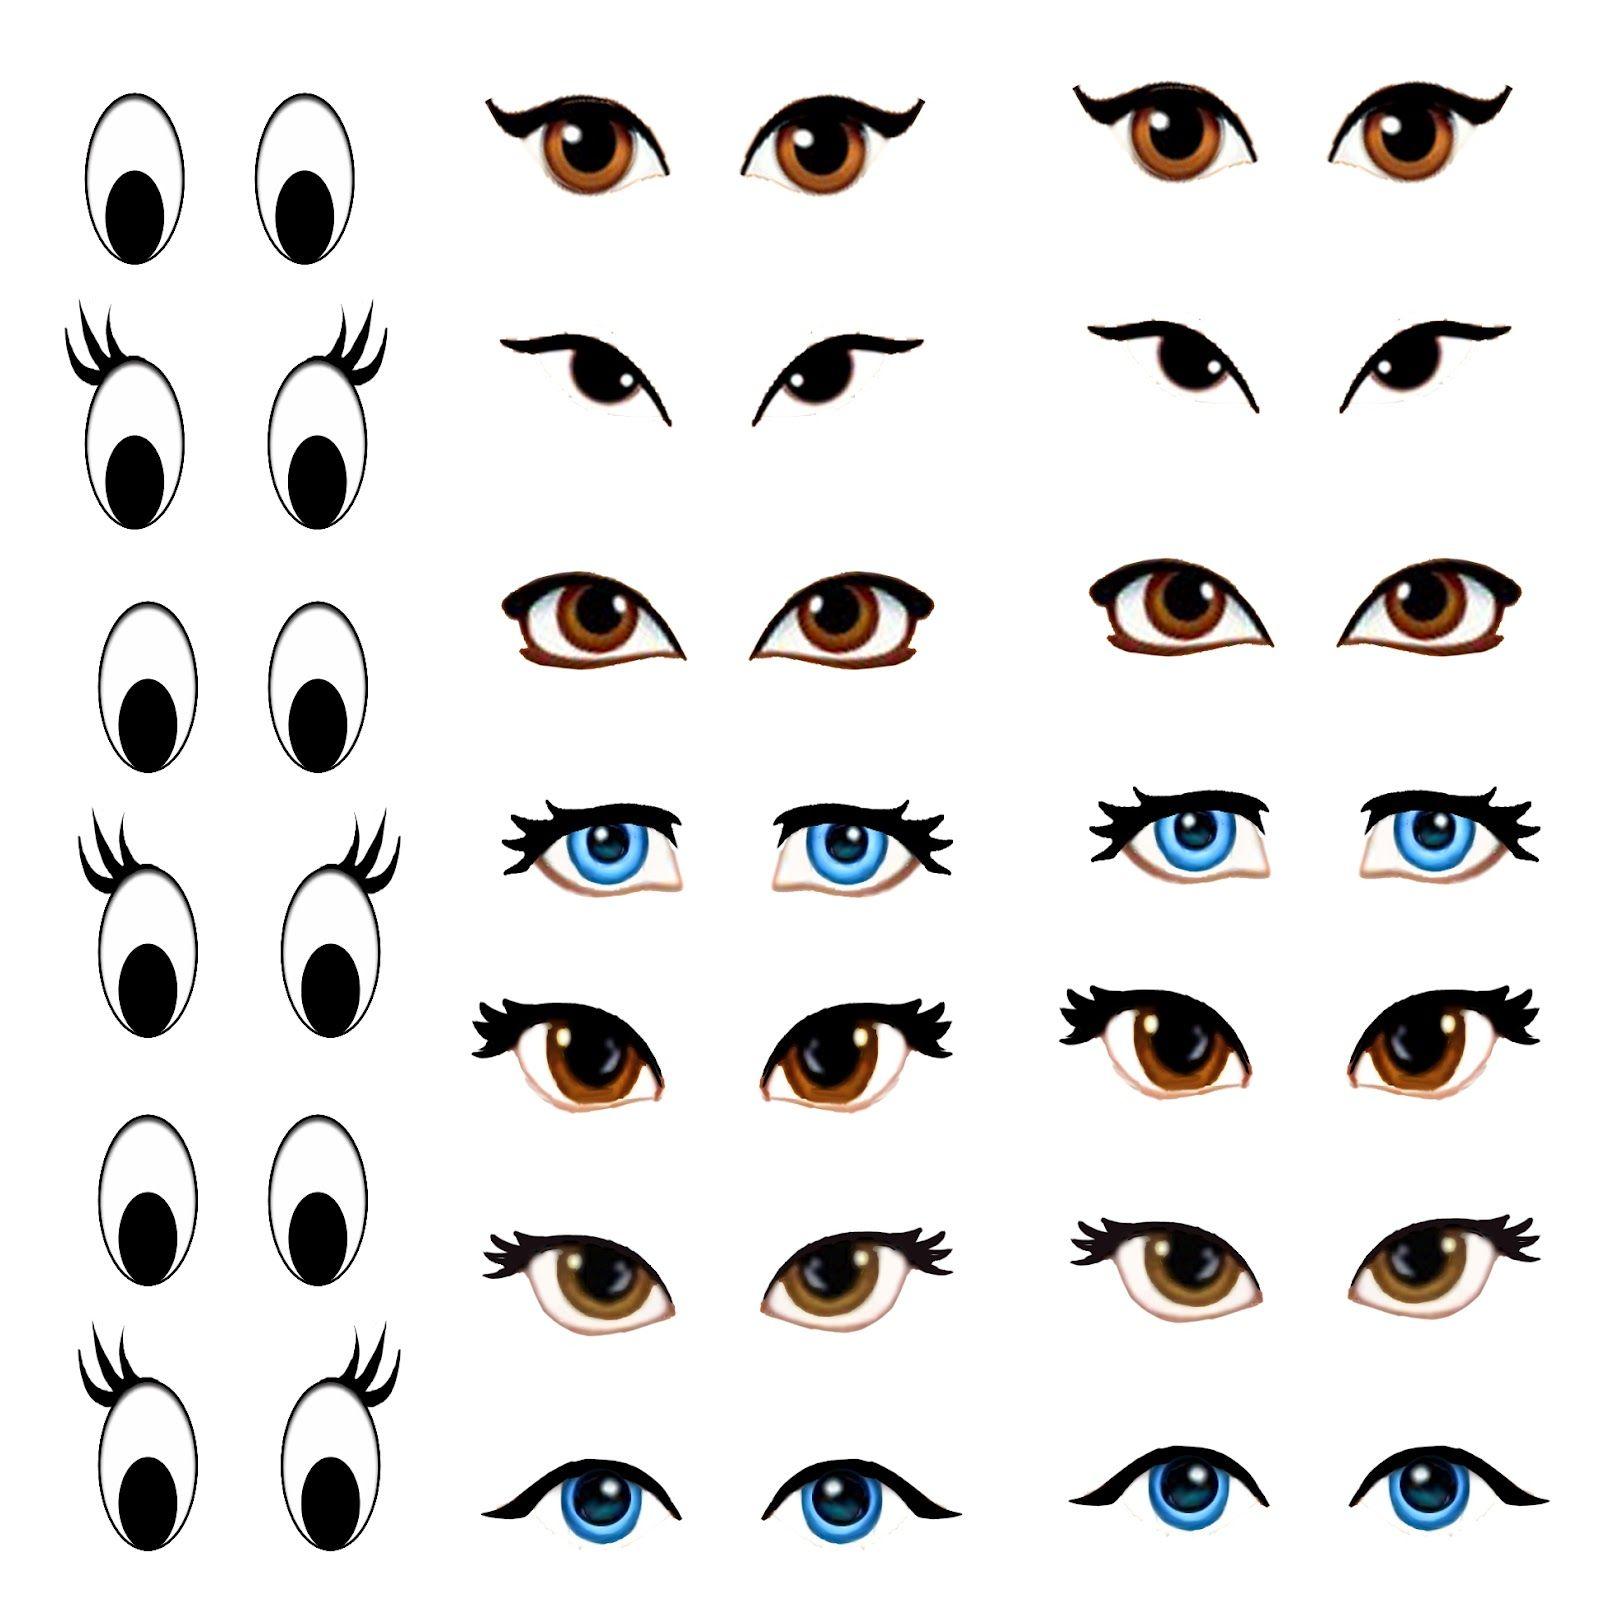 виктора легостаева красивые глазки картинка для поделки готовятся они